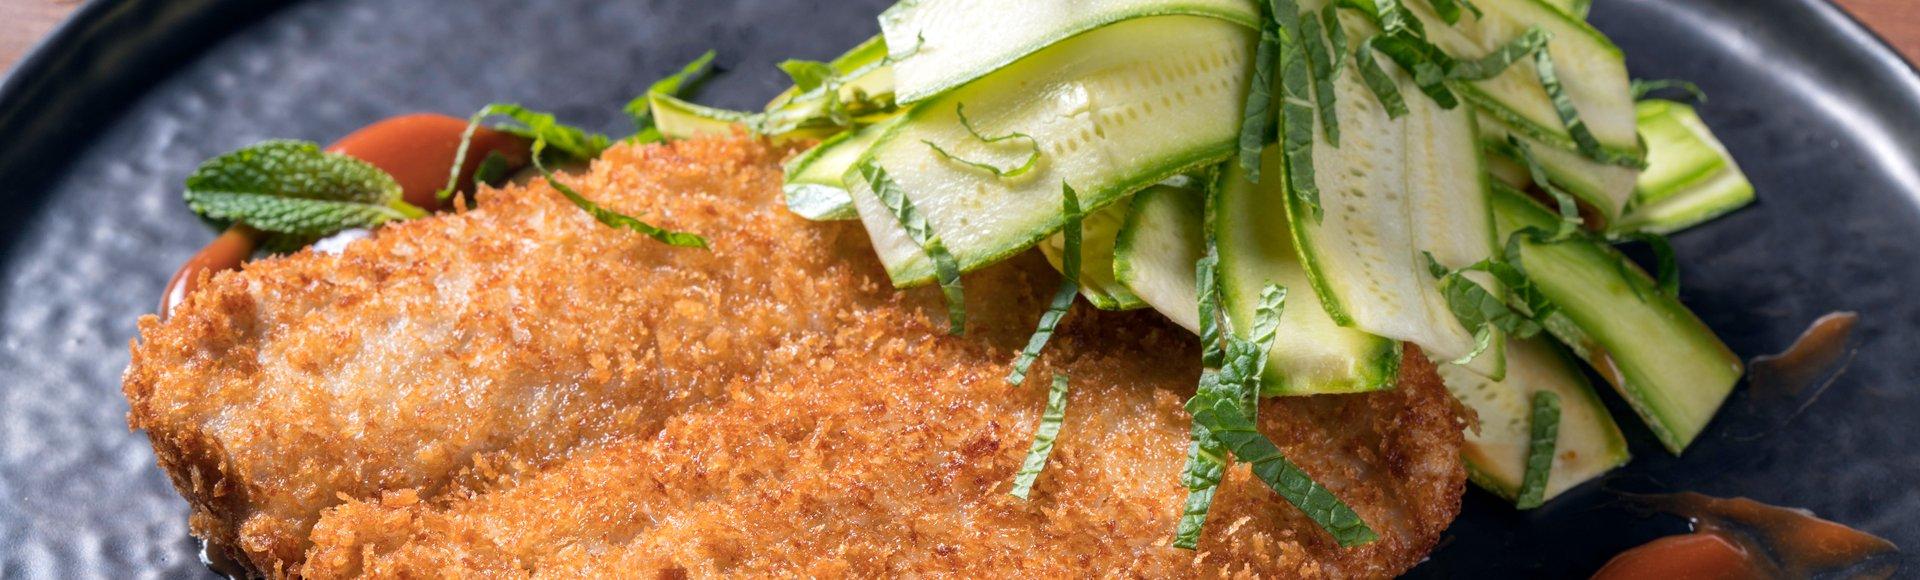 Σνίτσελ με ψαρονέφρι και σαλάτα με κολοκύθι και δυόσμο